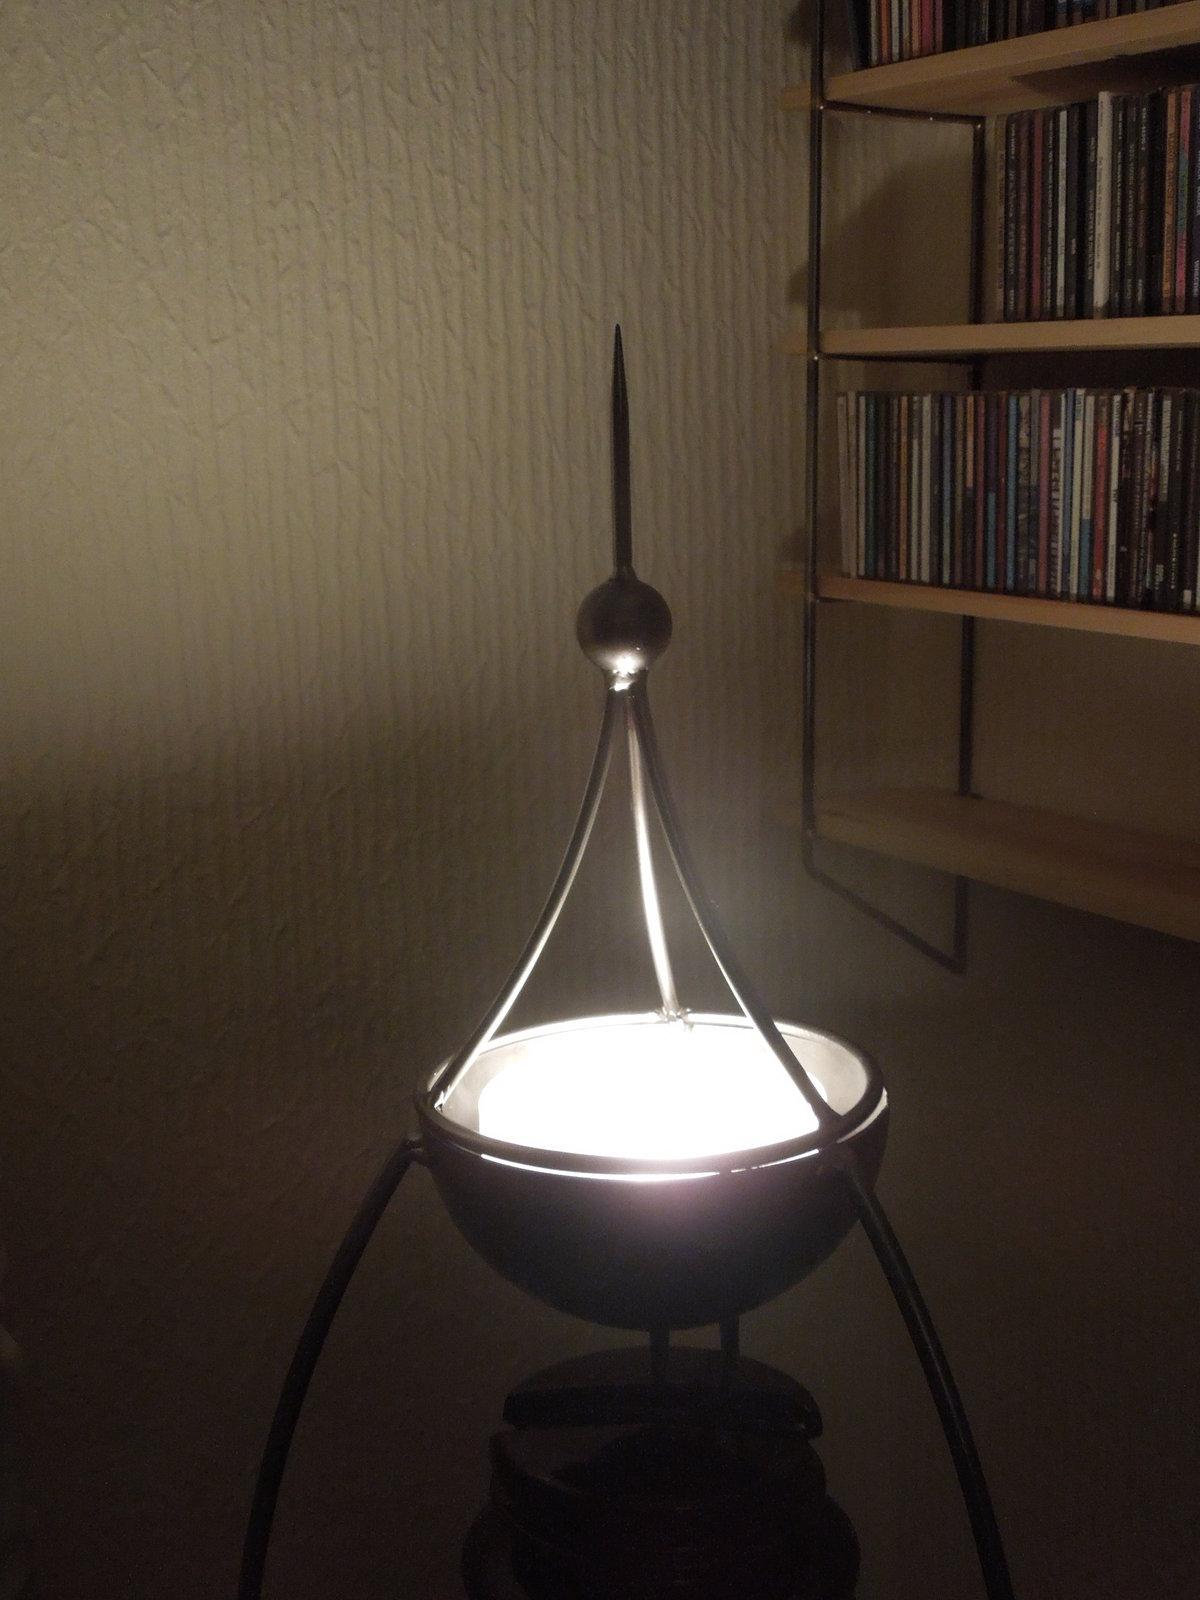 Lamp installed 010.JPG